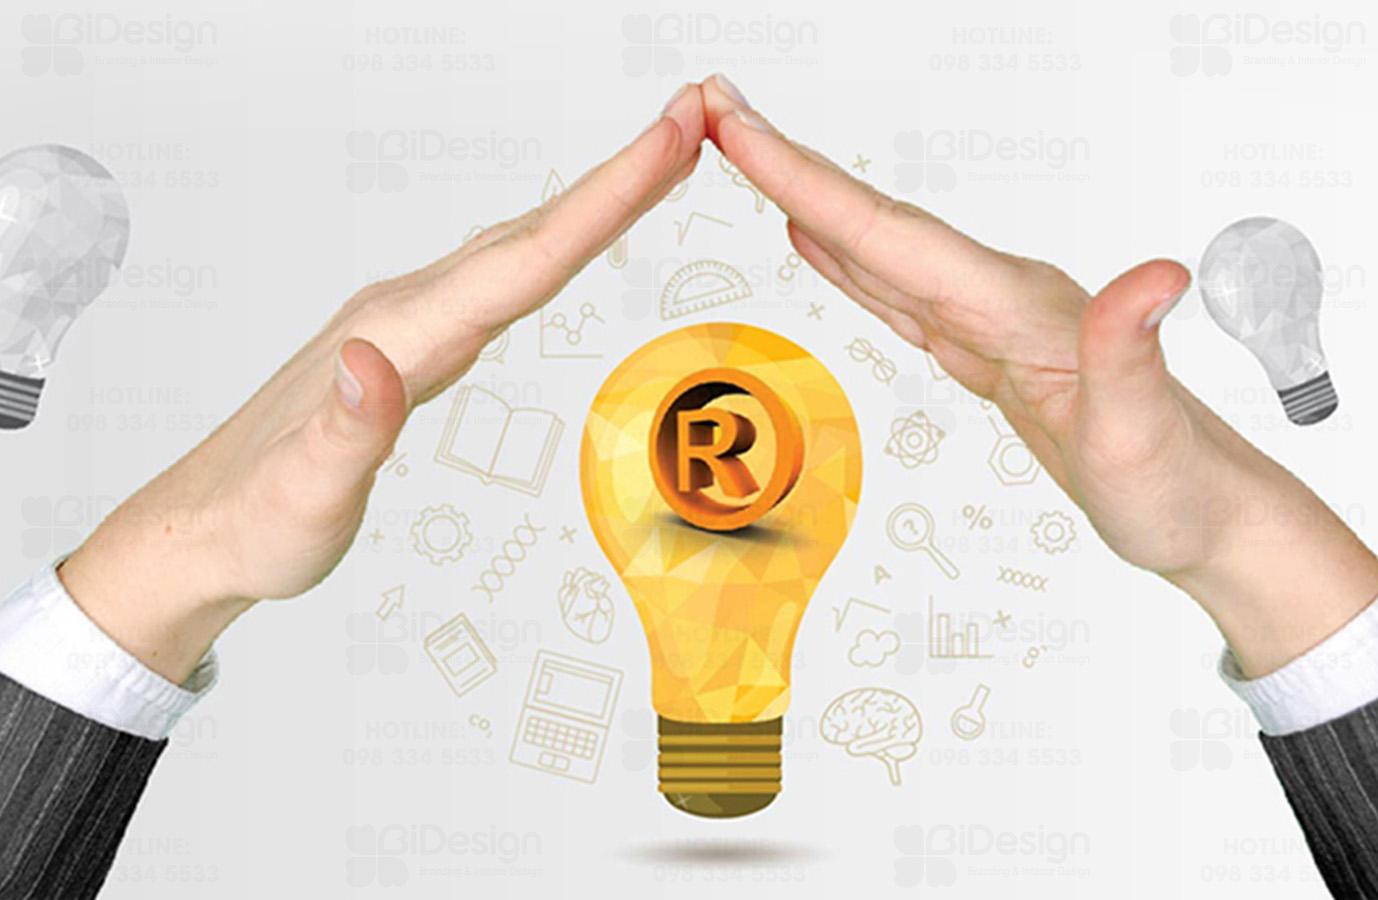 đăng ký bảo hộ logo thương hiệu